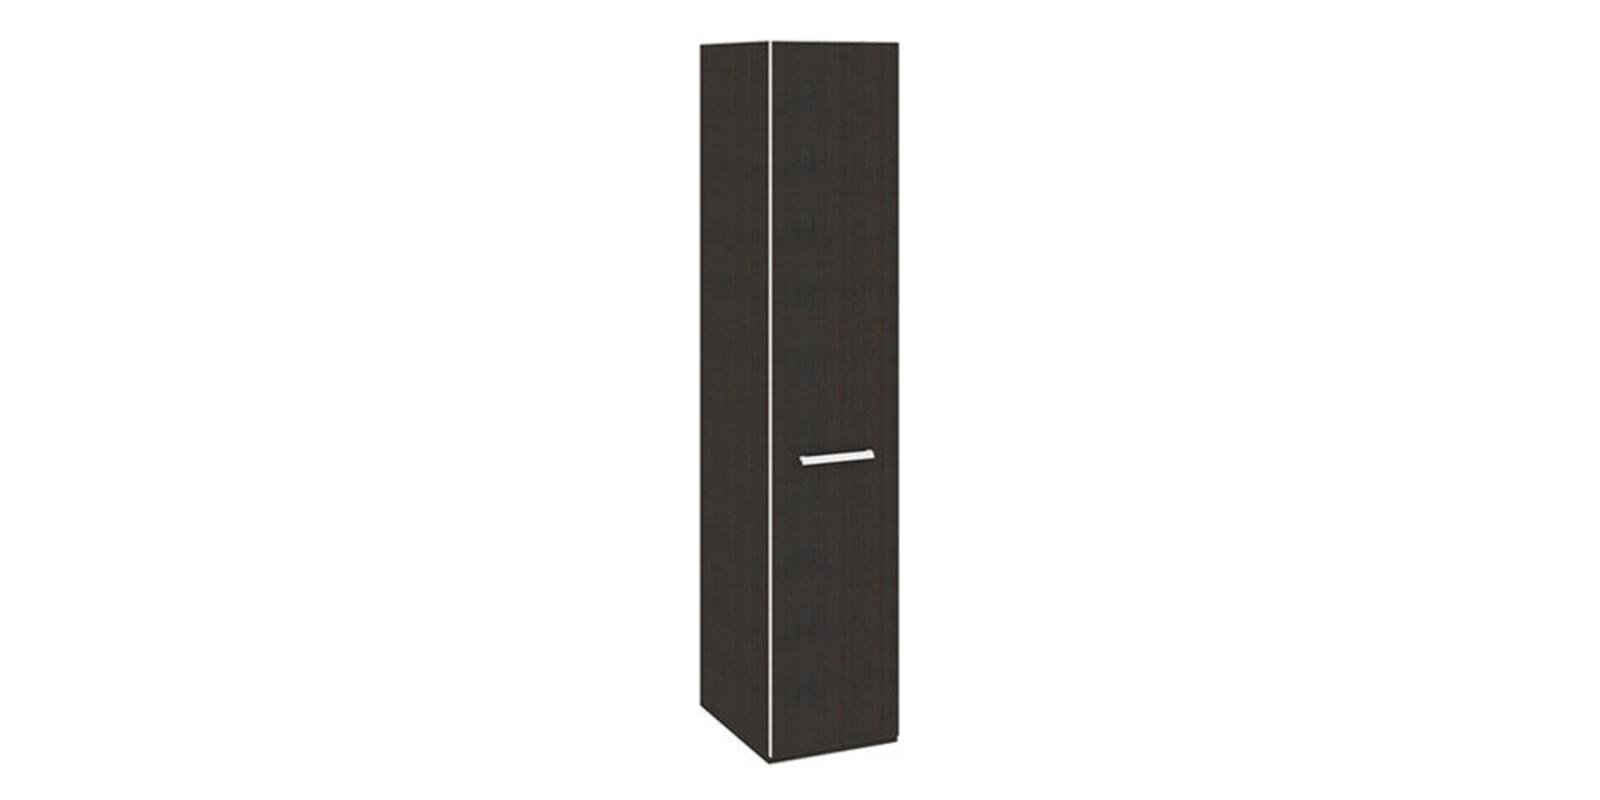 Шкаф распашной однодверный Калгари вариант №1 (дуб кастано)